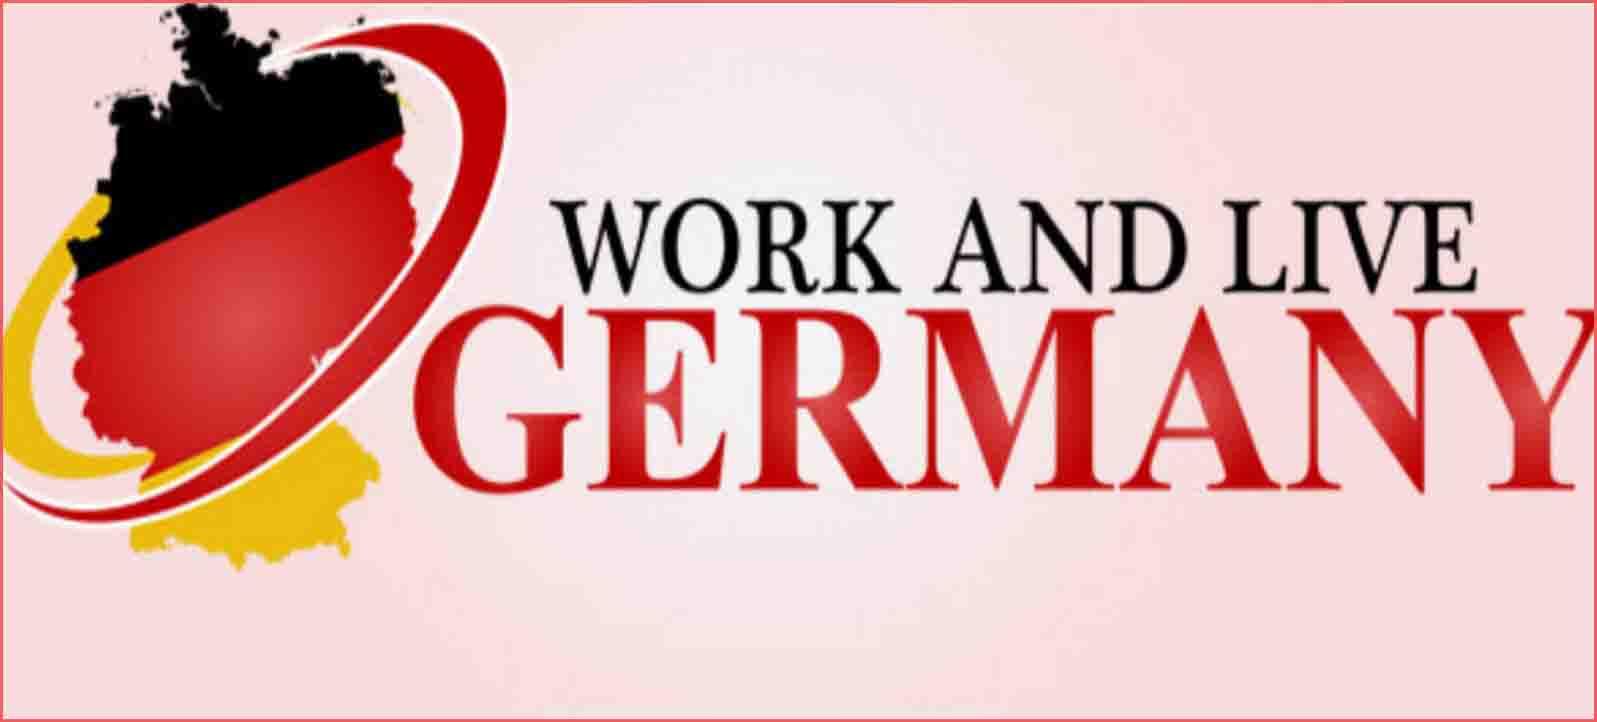 طرق البحث عن العمل في المانيا وكيفية الحصول على تاشيرة البحث عن عمل